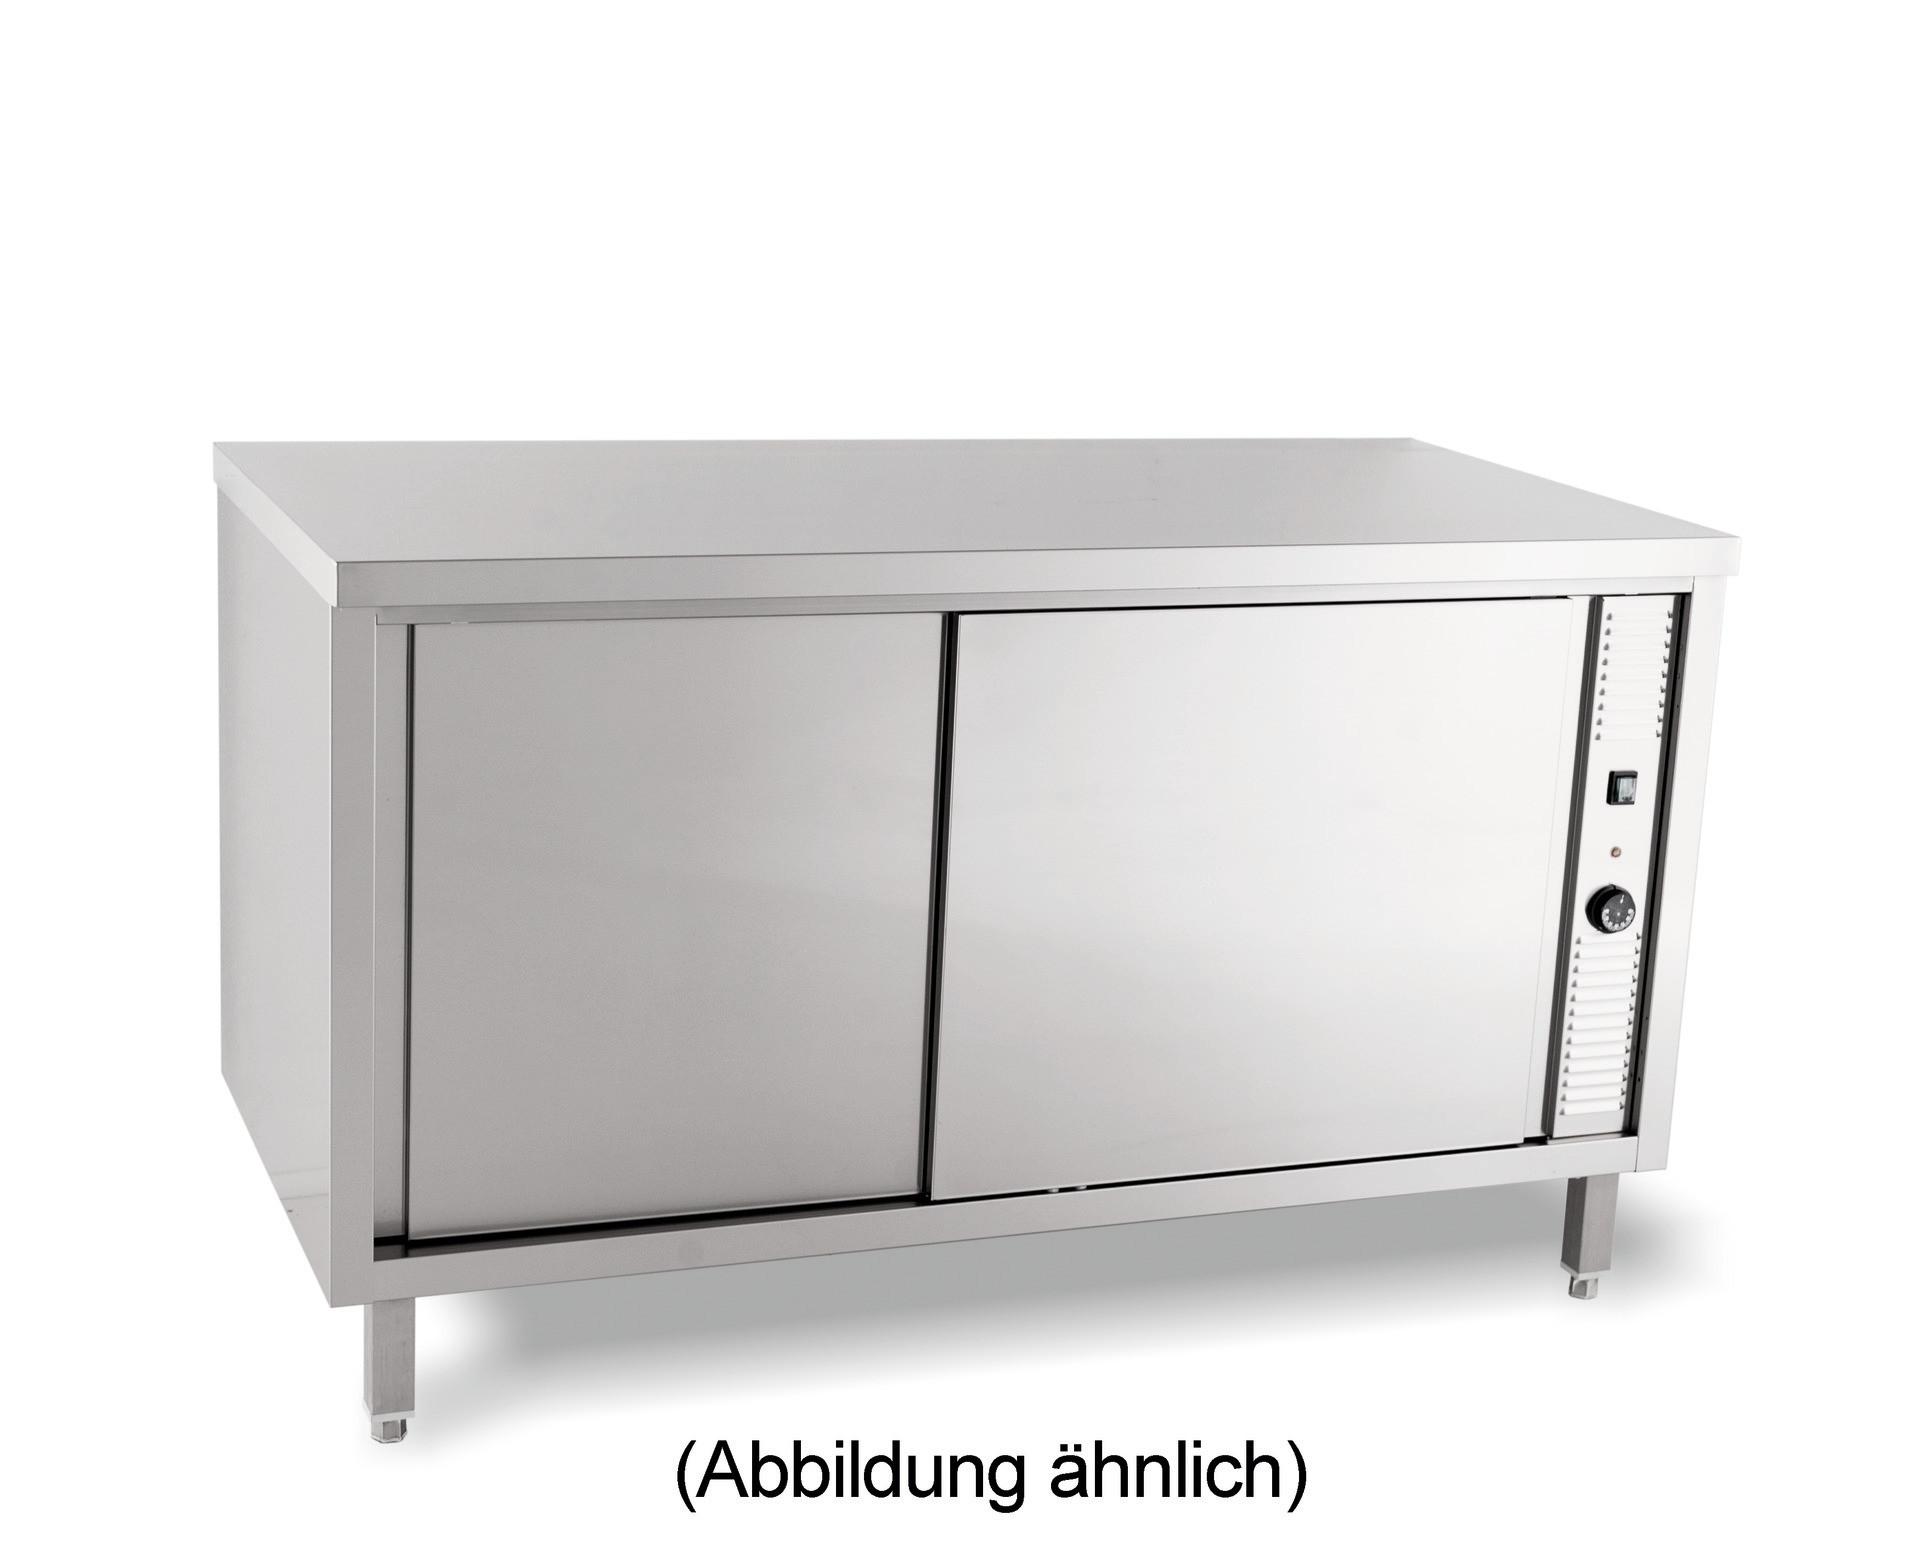 Wärmeschrank mit Flügeltüren ohne Aufkantung 1200 x 700 x 850 mm